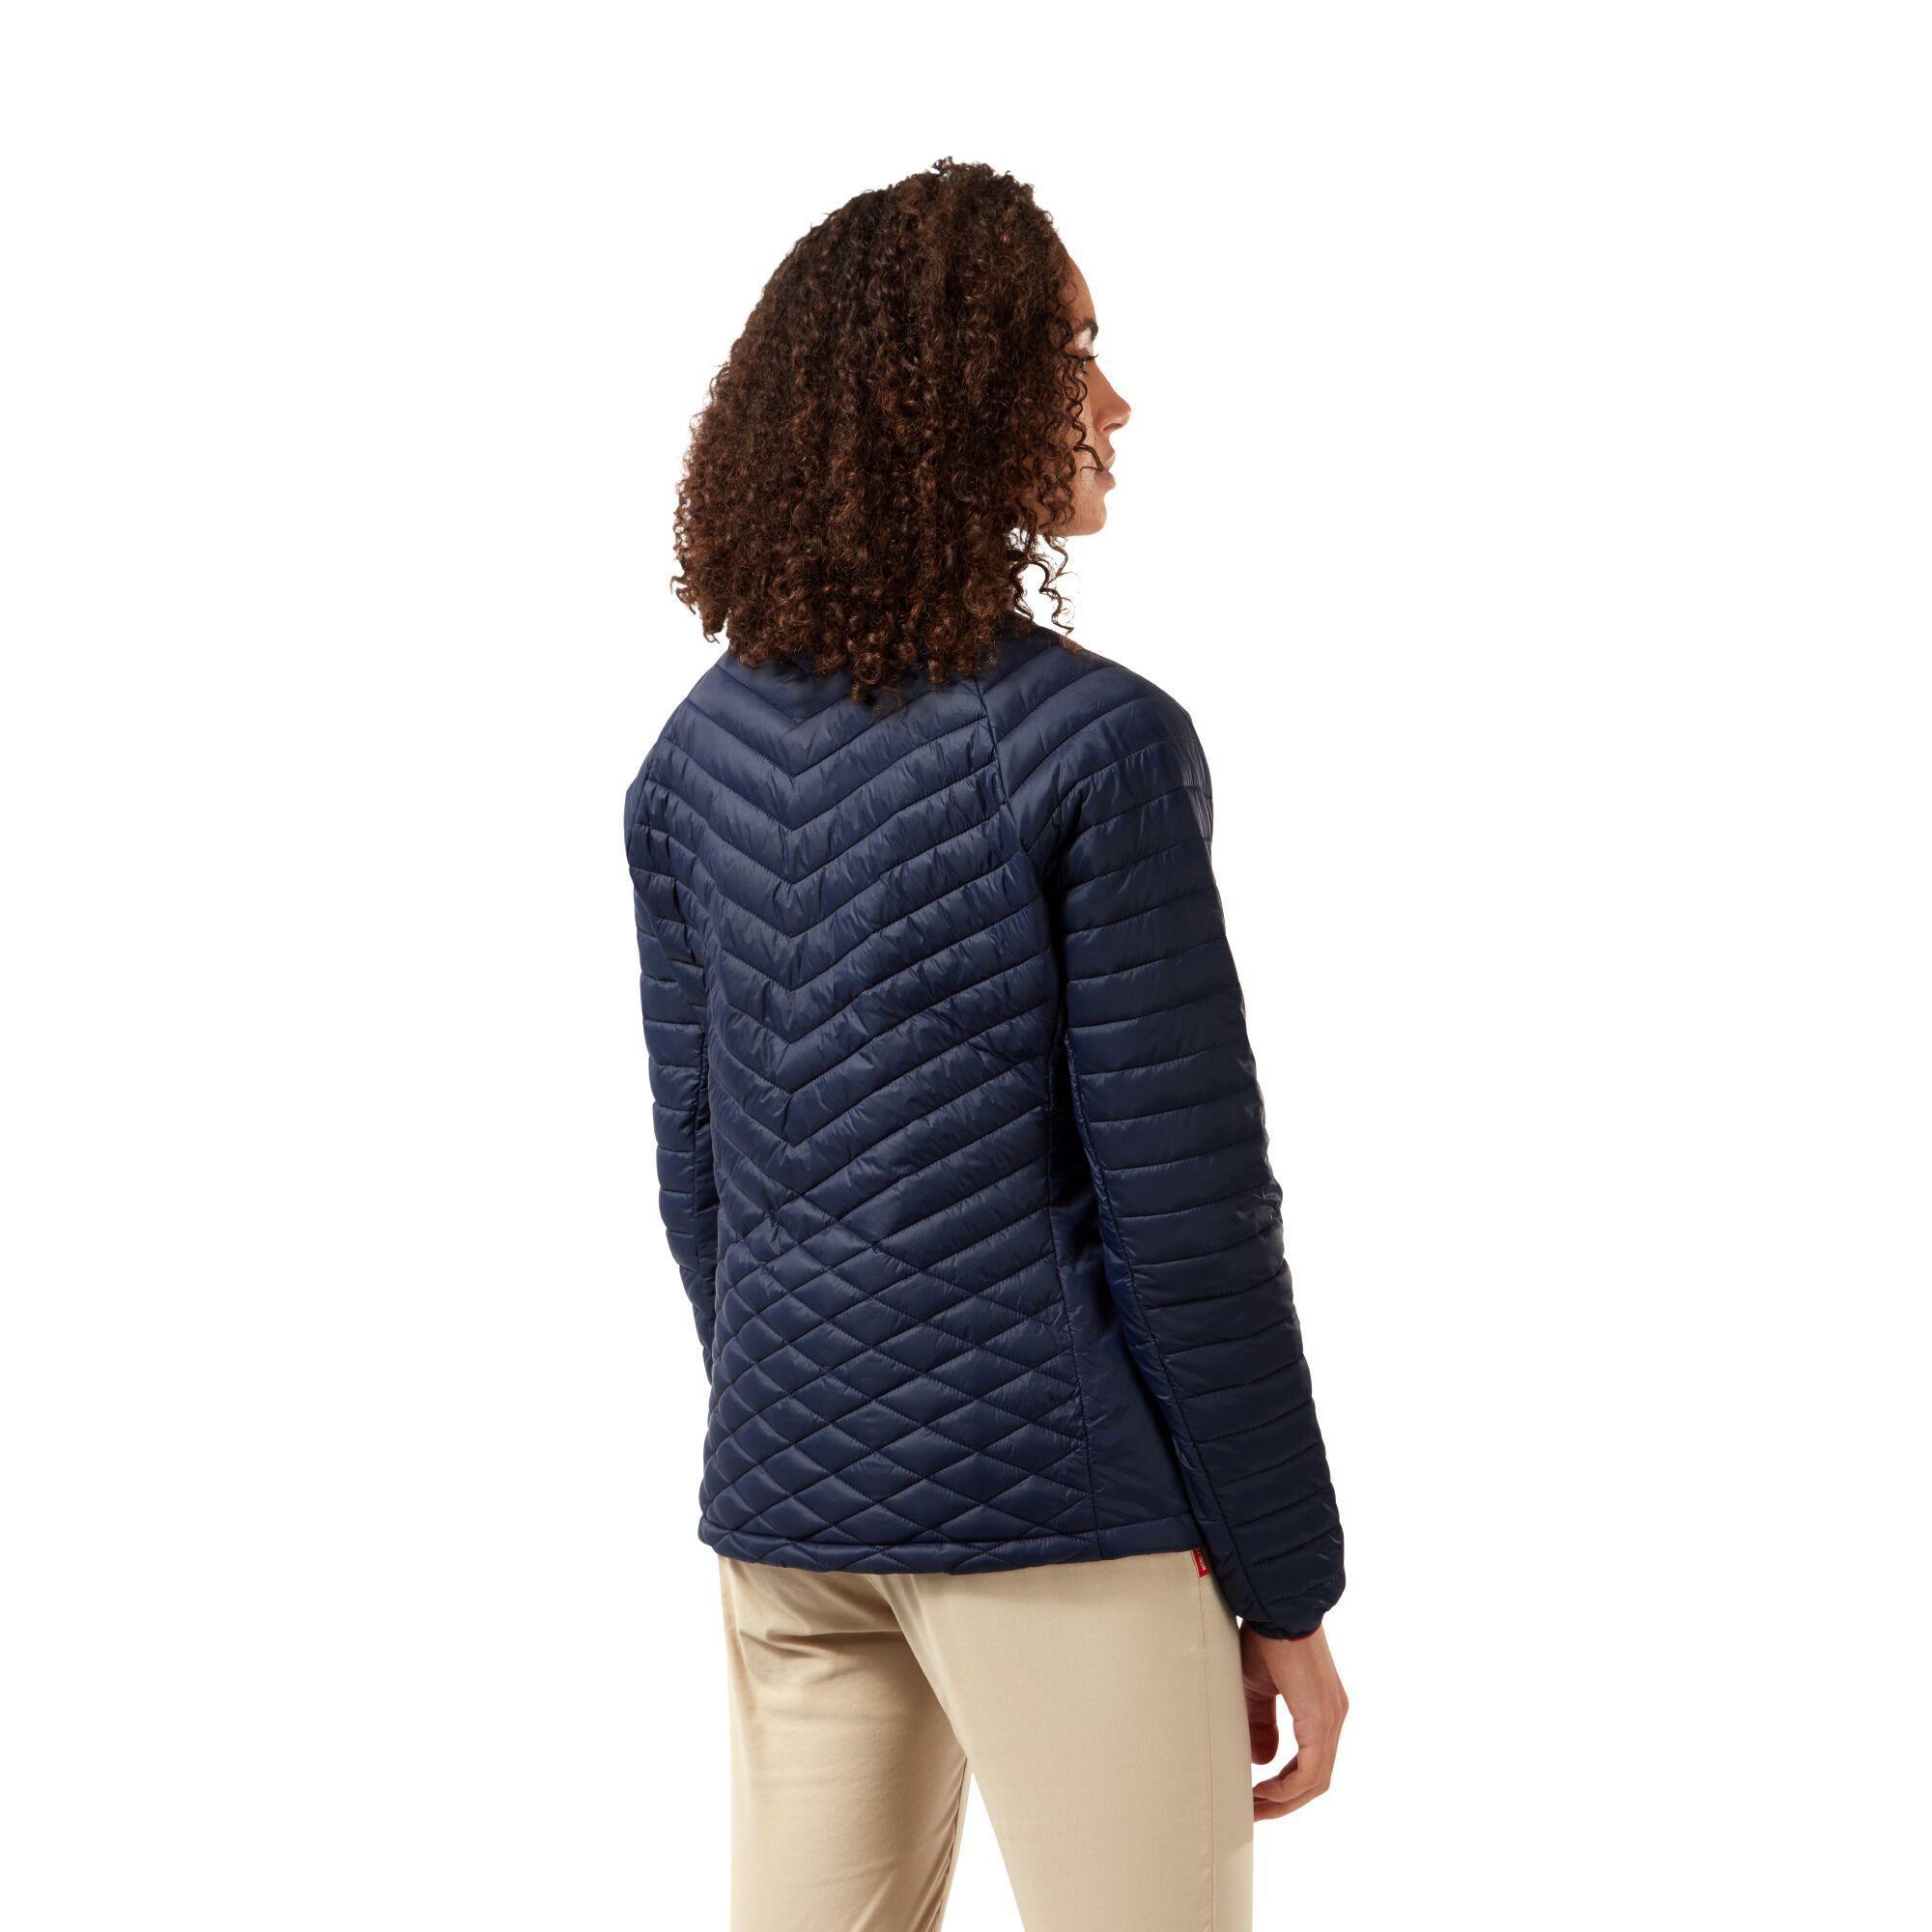 Craghoppers Womens/Ladies Expolite Jacket (Navy)